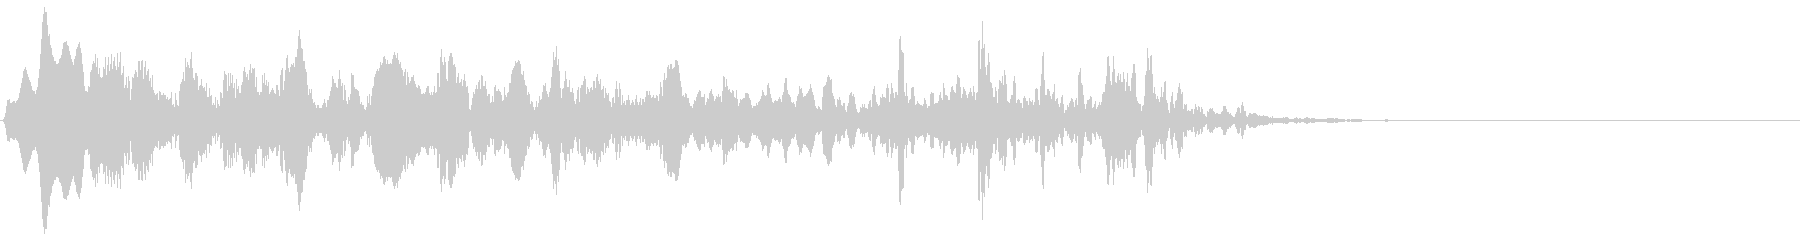 電子音のサウンドロゴの未再生の波形